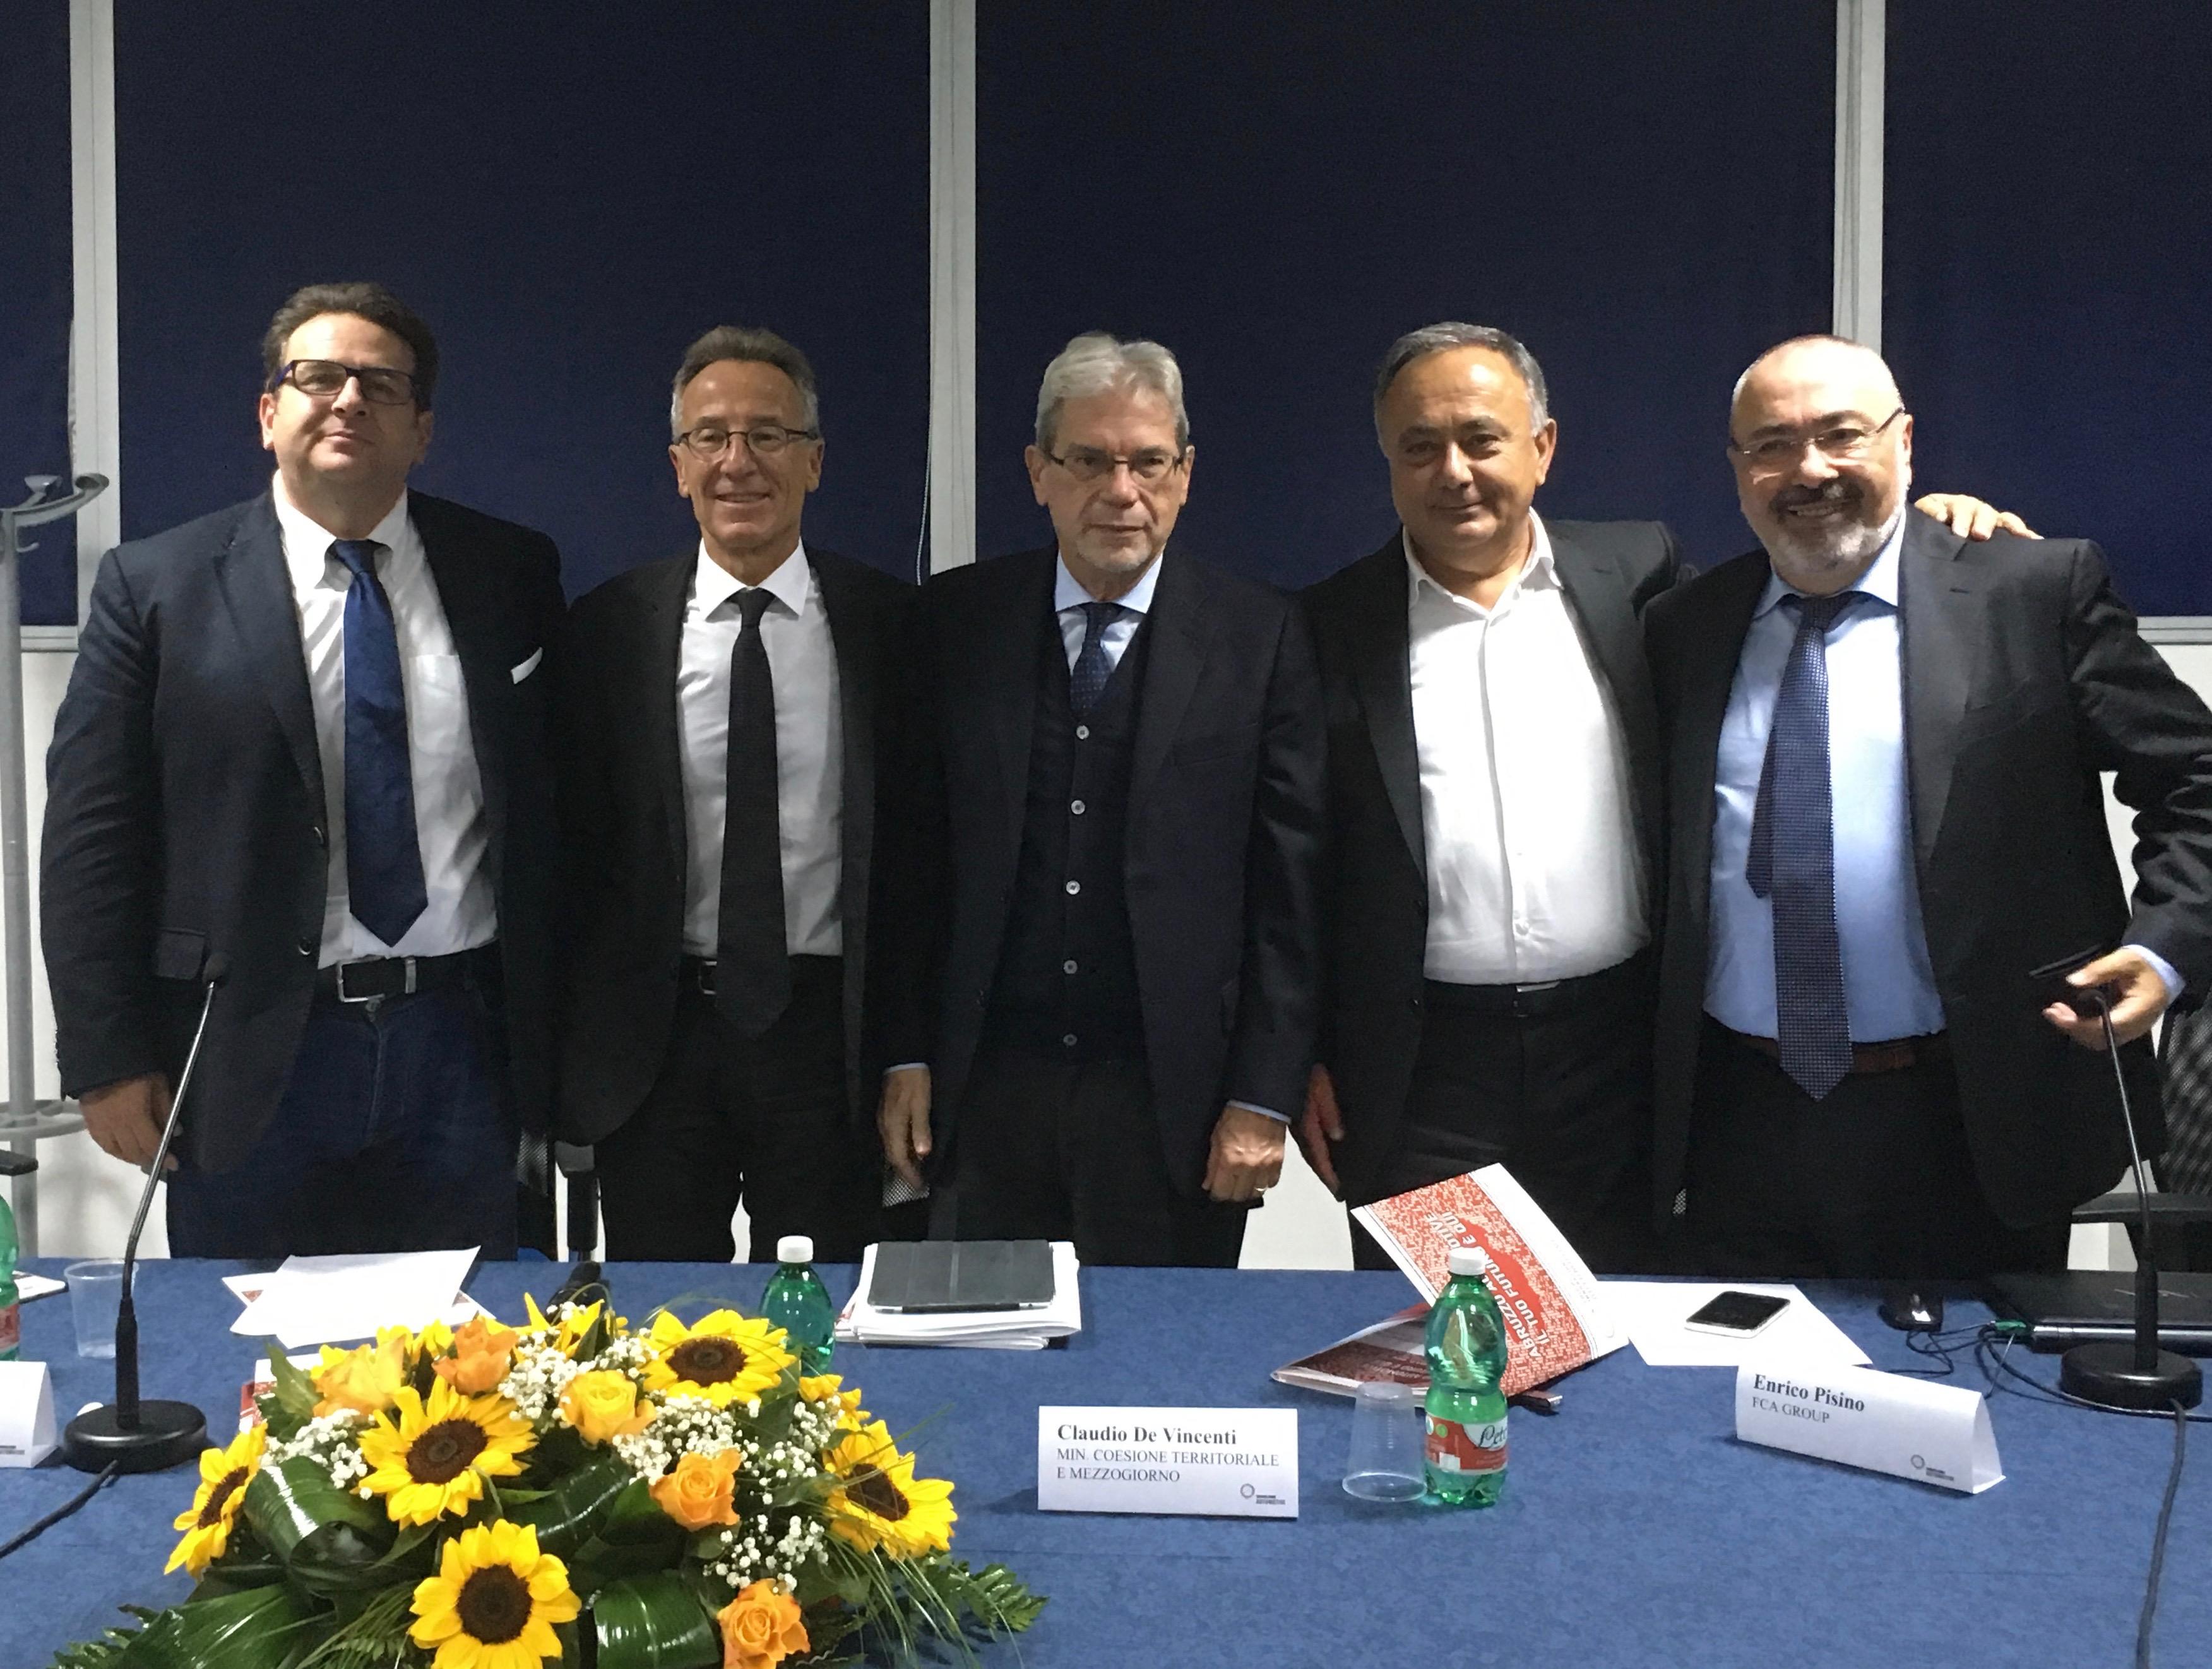 Polo Innovazione Automotive: industria 4.0 e ricerca per la mobilità intelligente sono settori fondamentali per l'Abruzzo